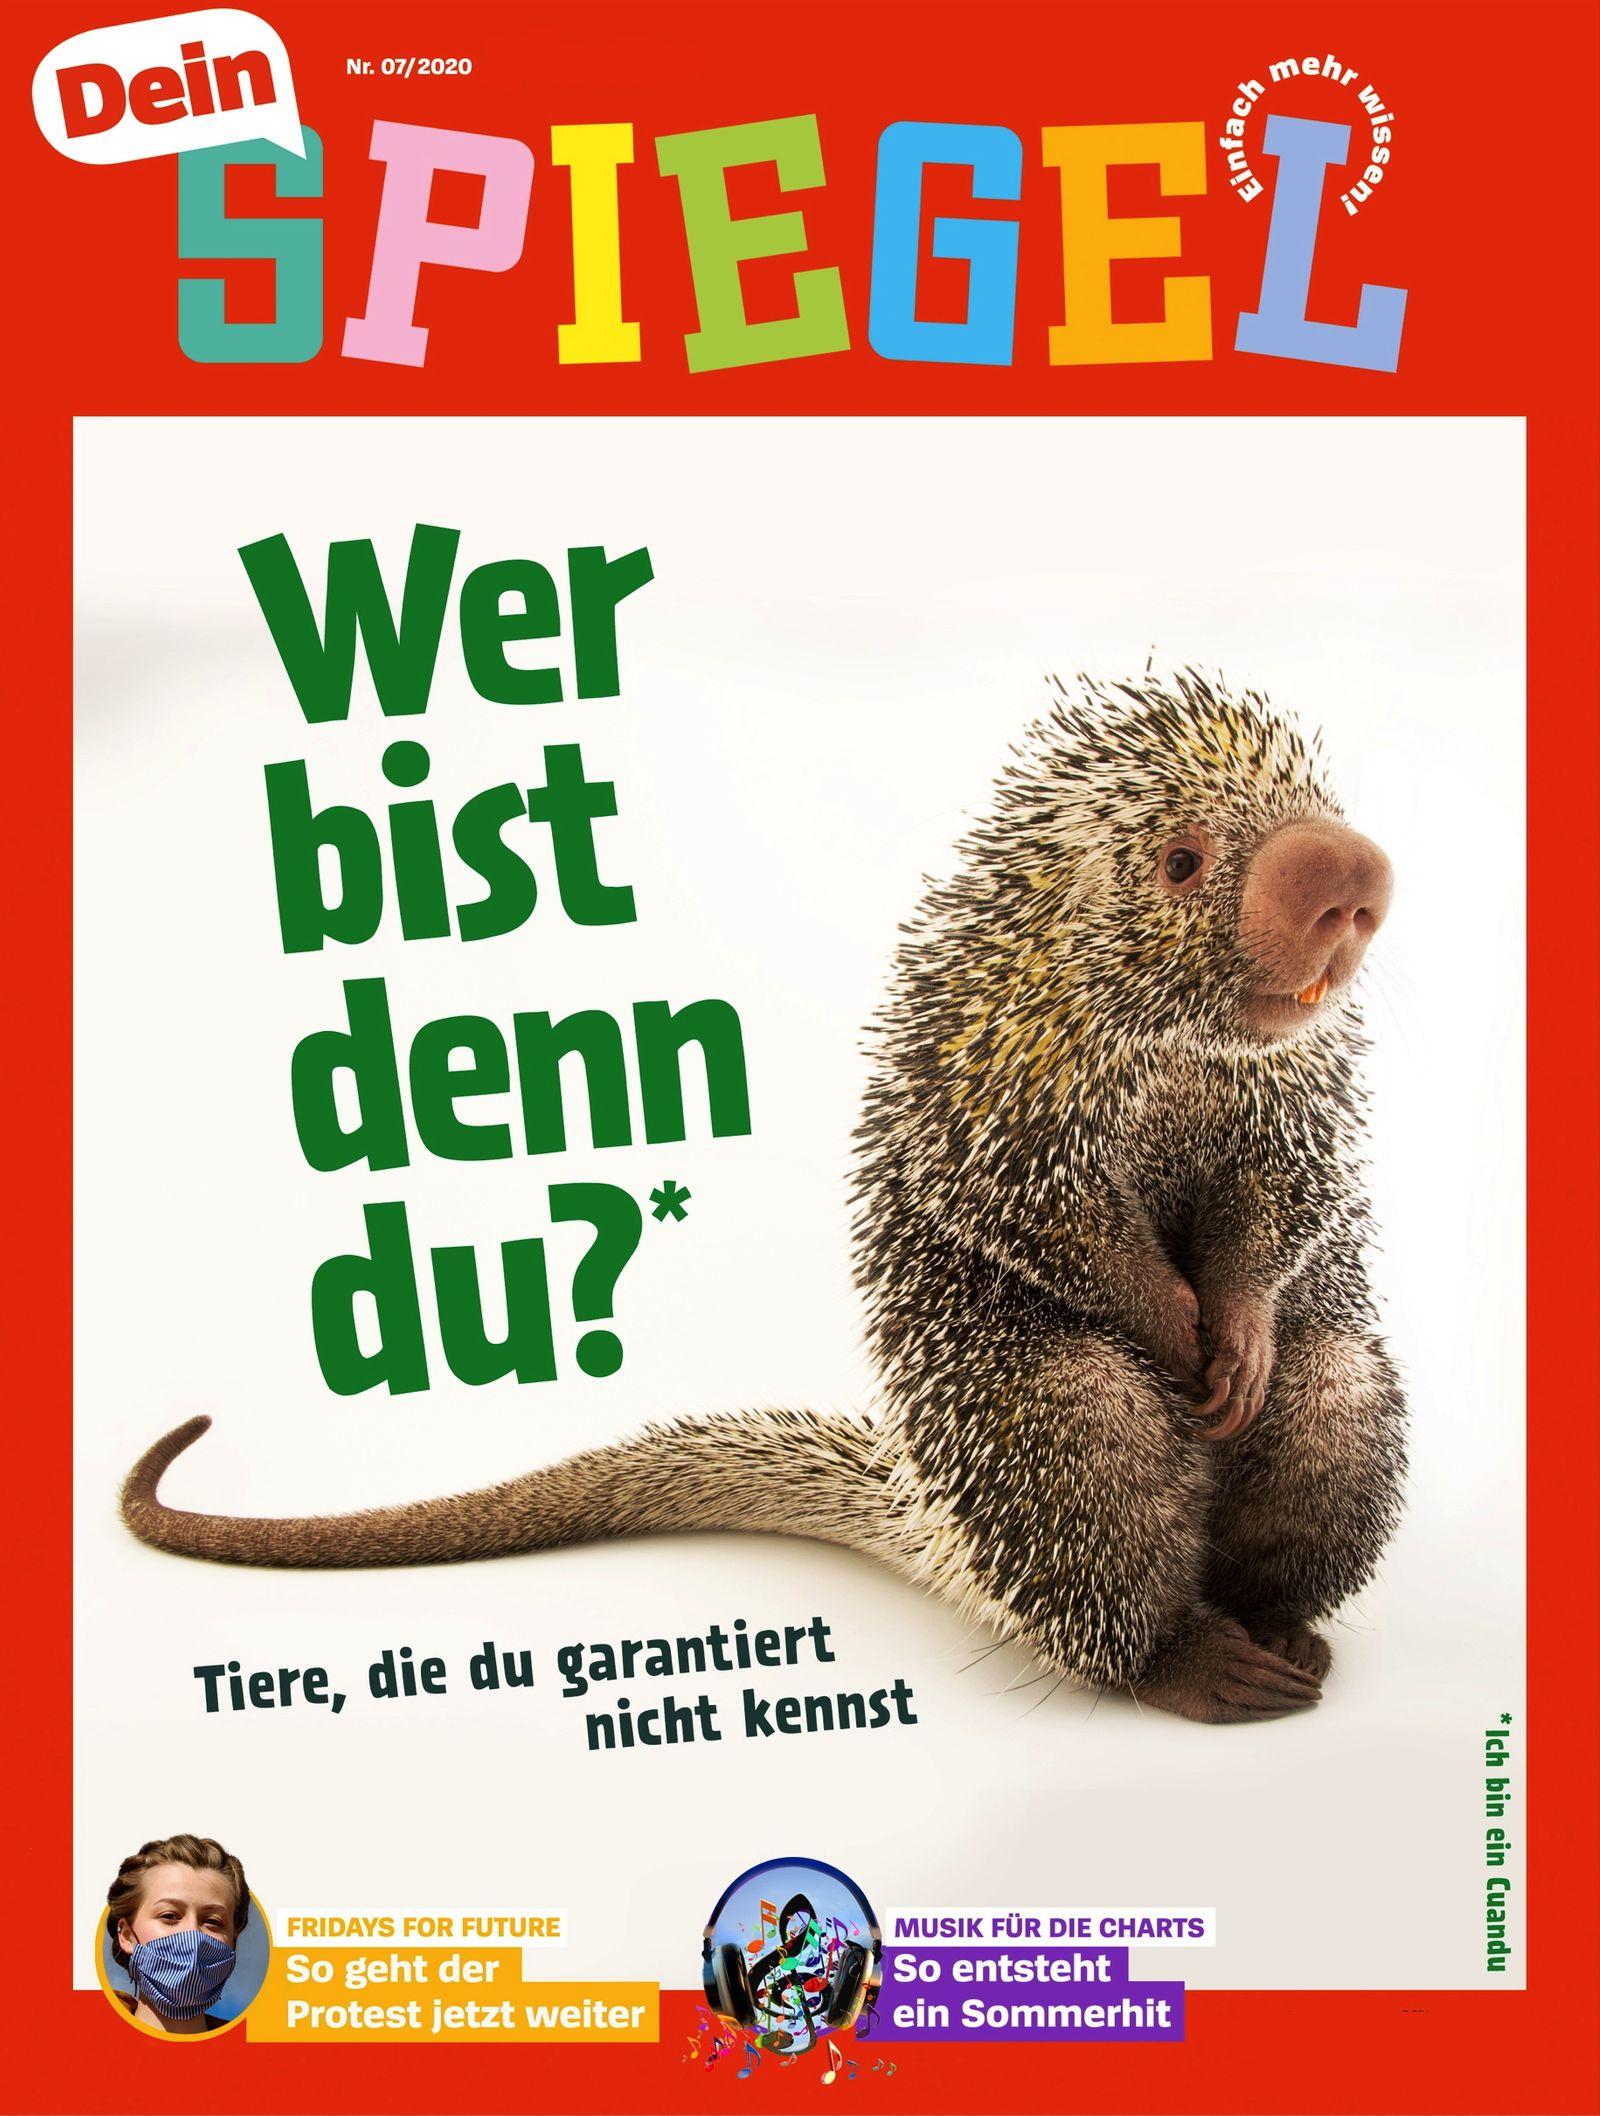 Dein-SPIEGEL_07-2020